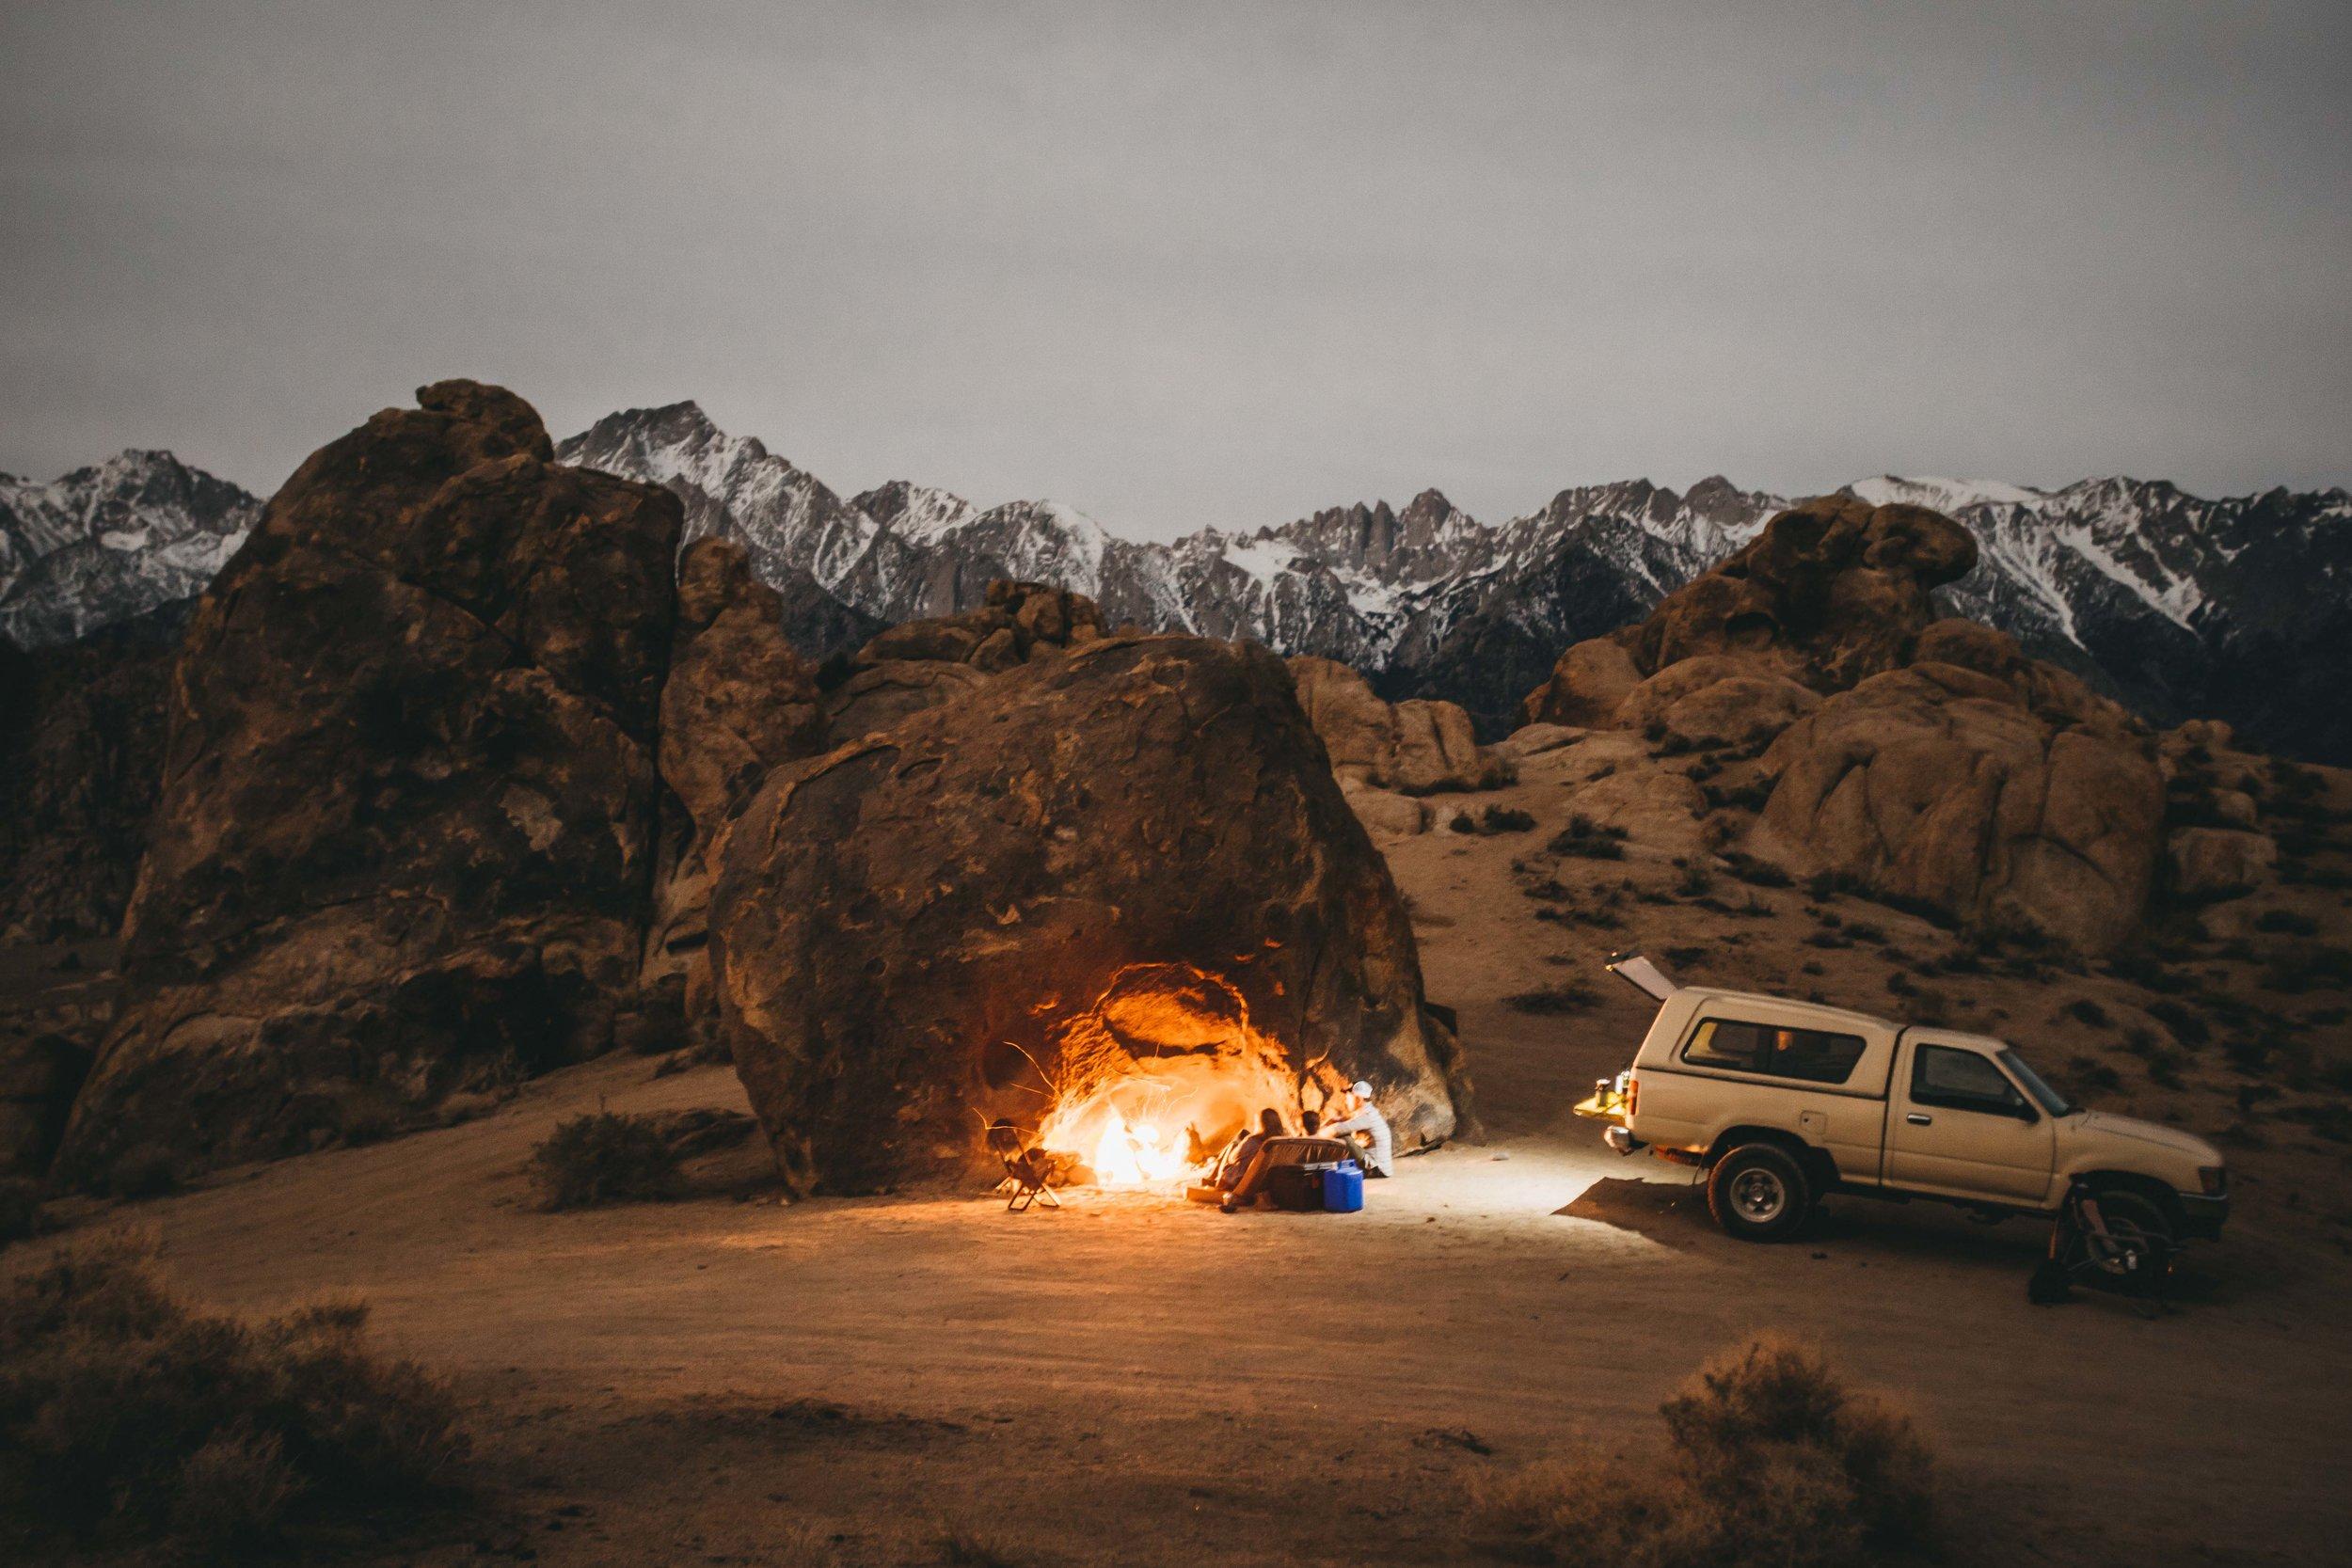 DB_DT_sierra_outdoors-2355.jpg